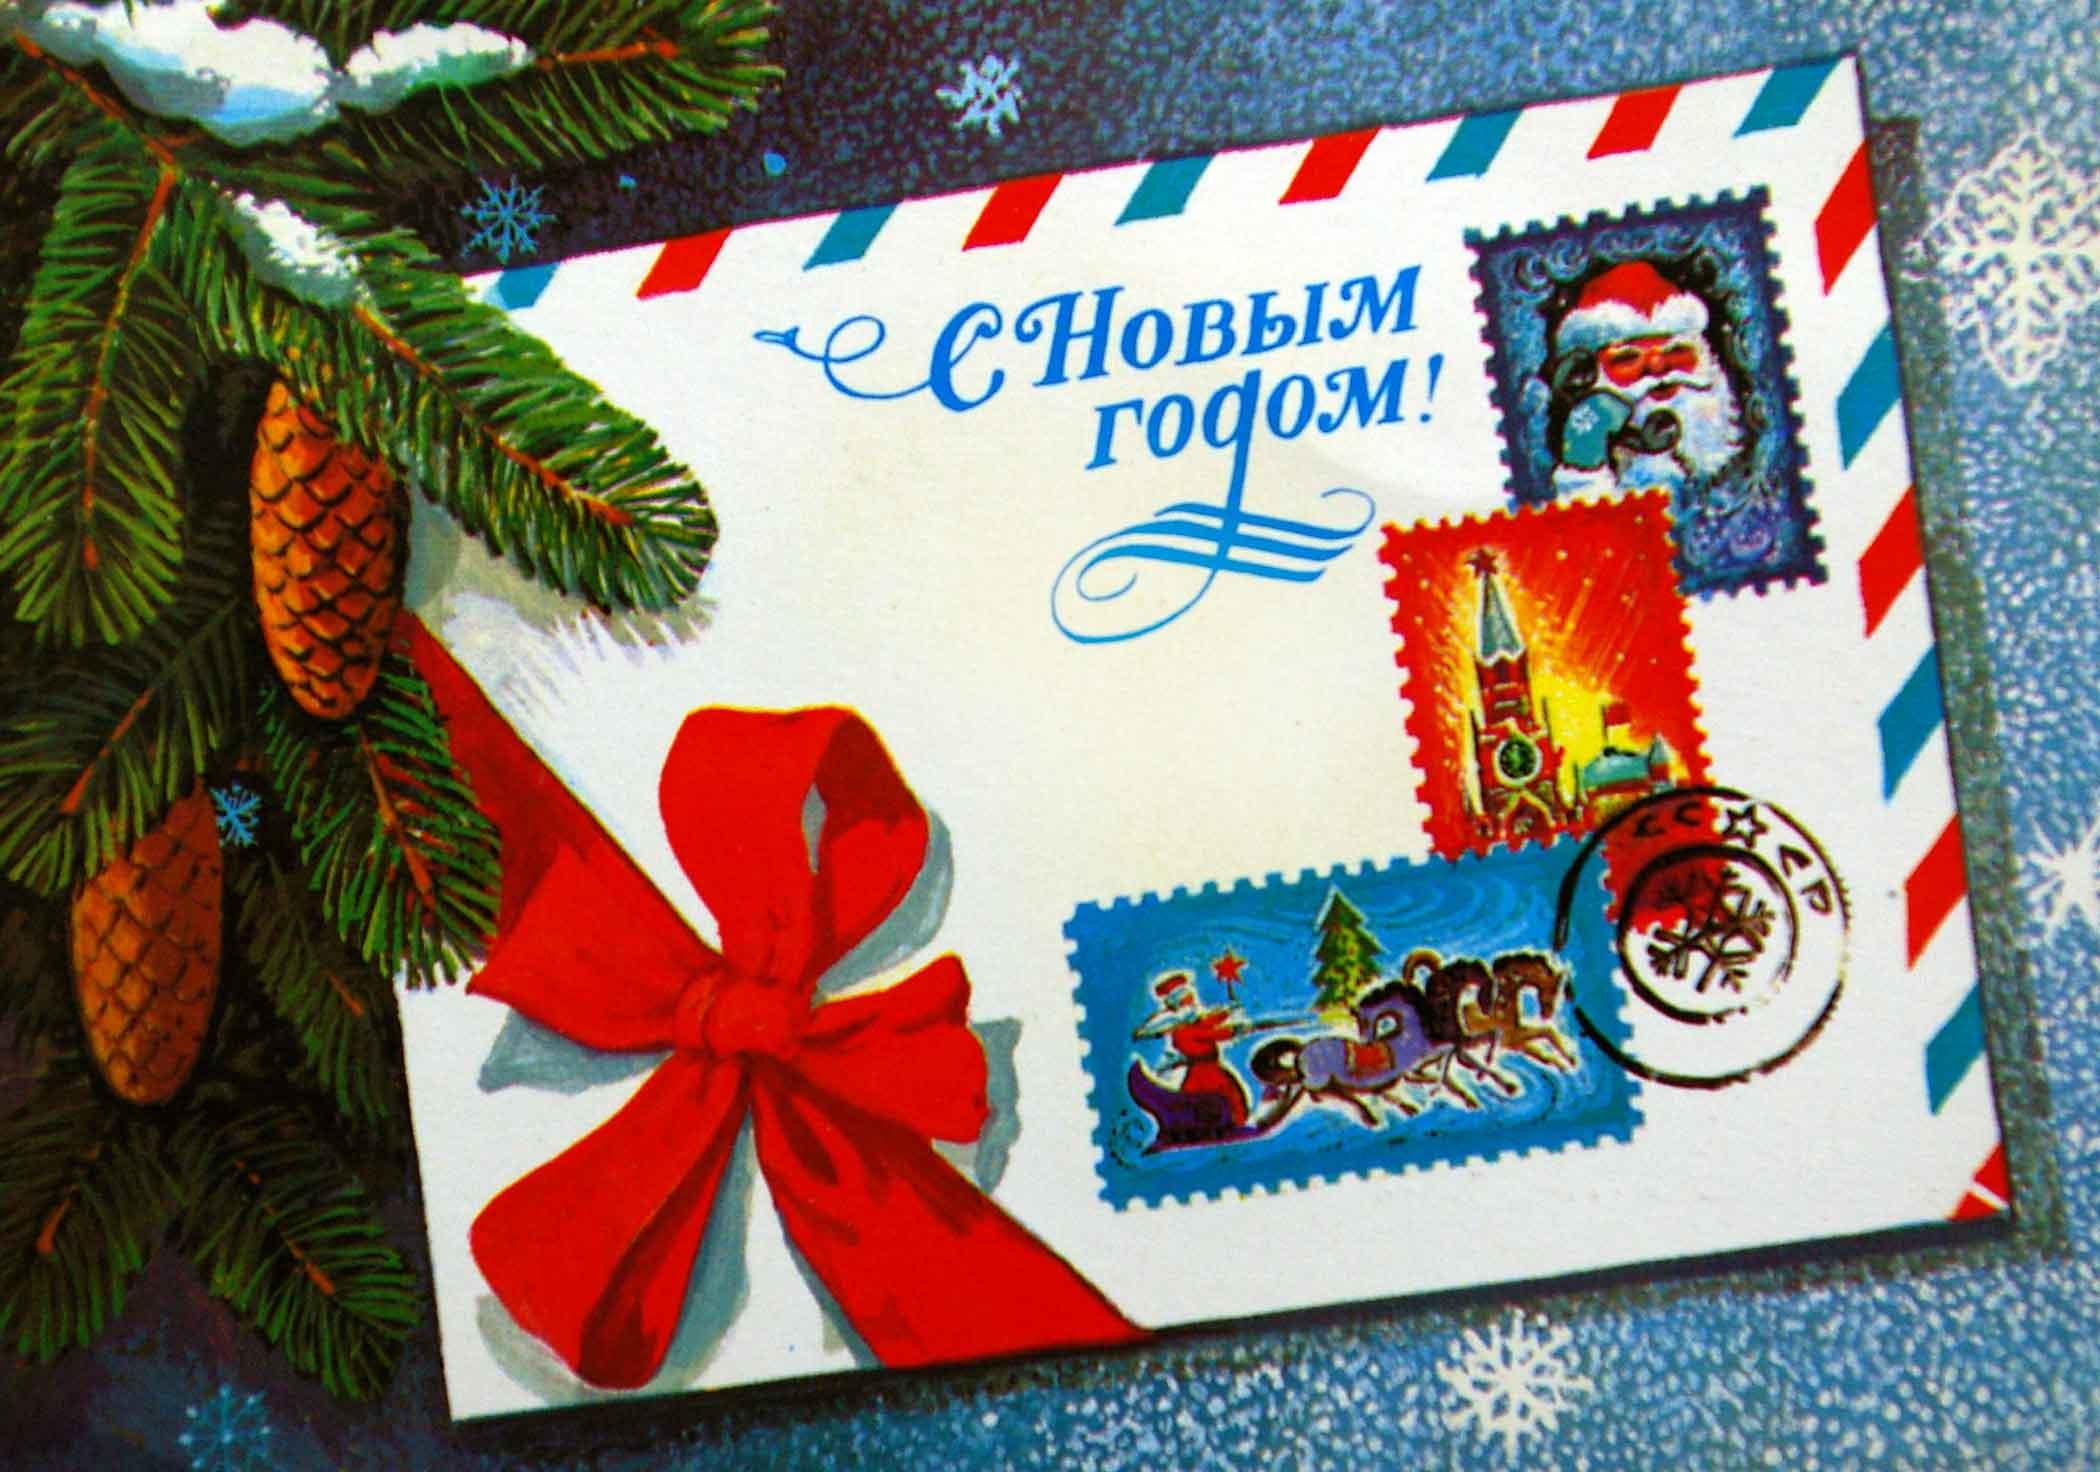 Почта россии поздравления новым годом